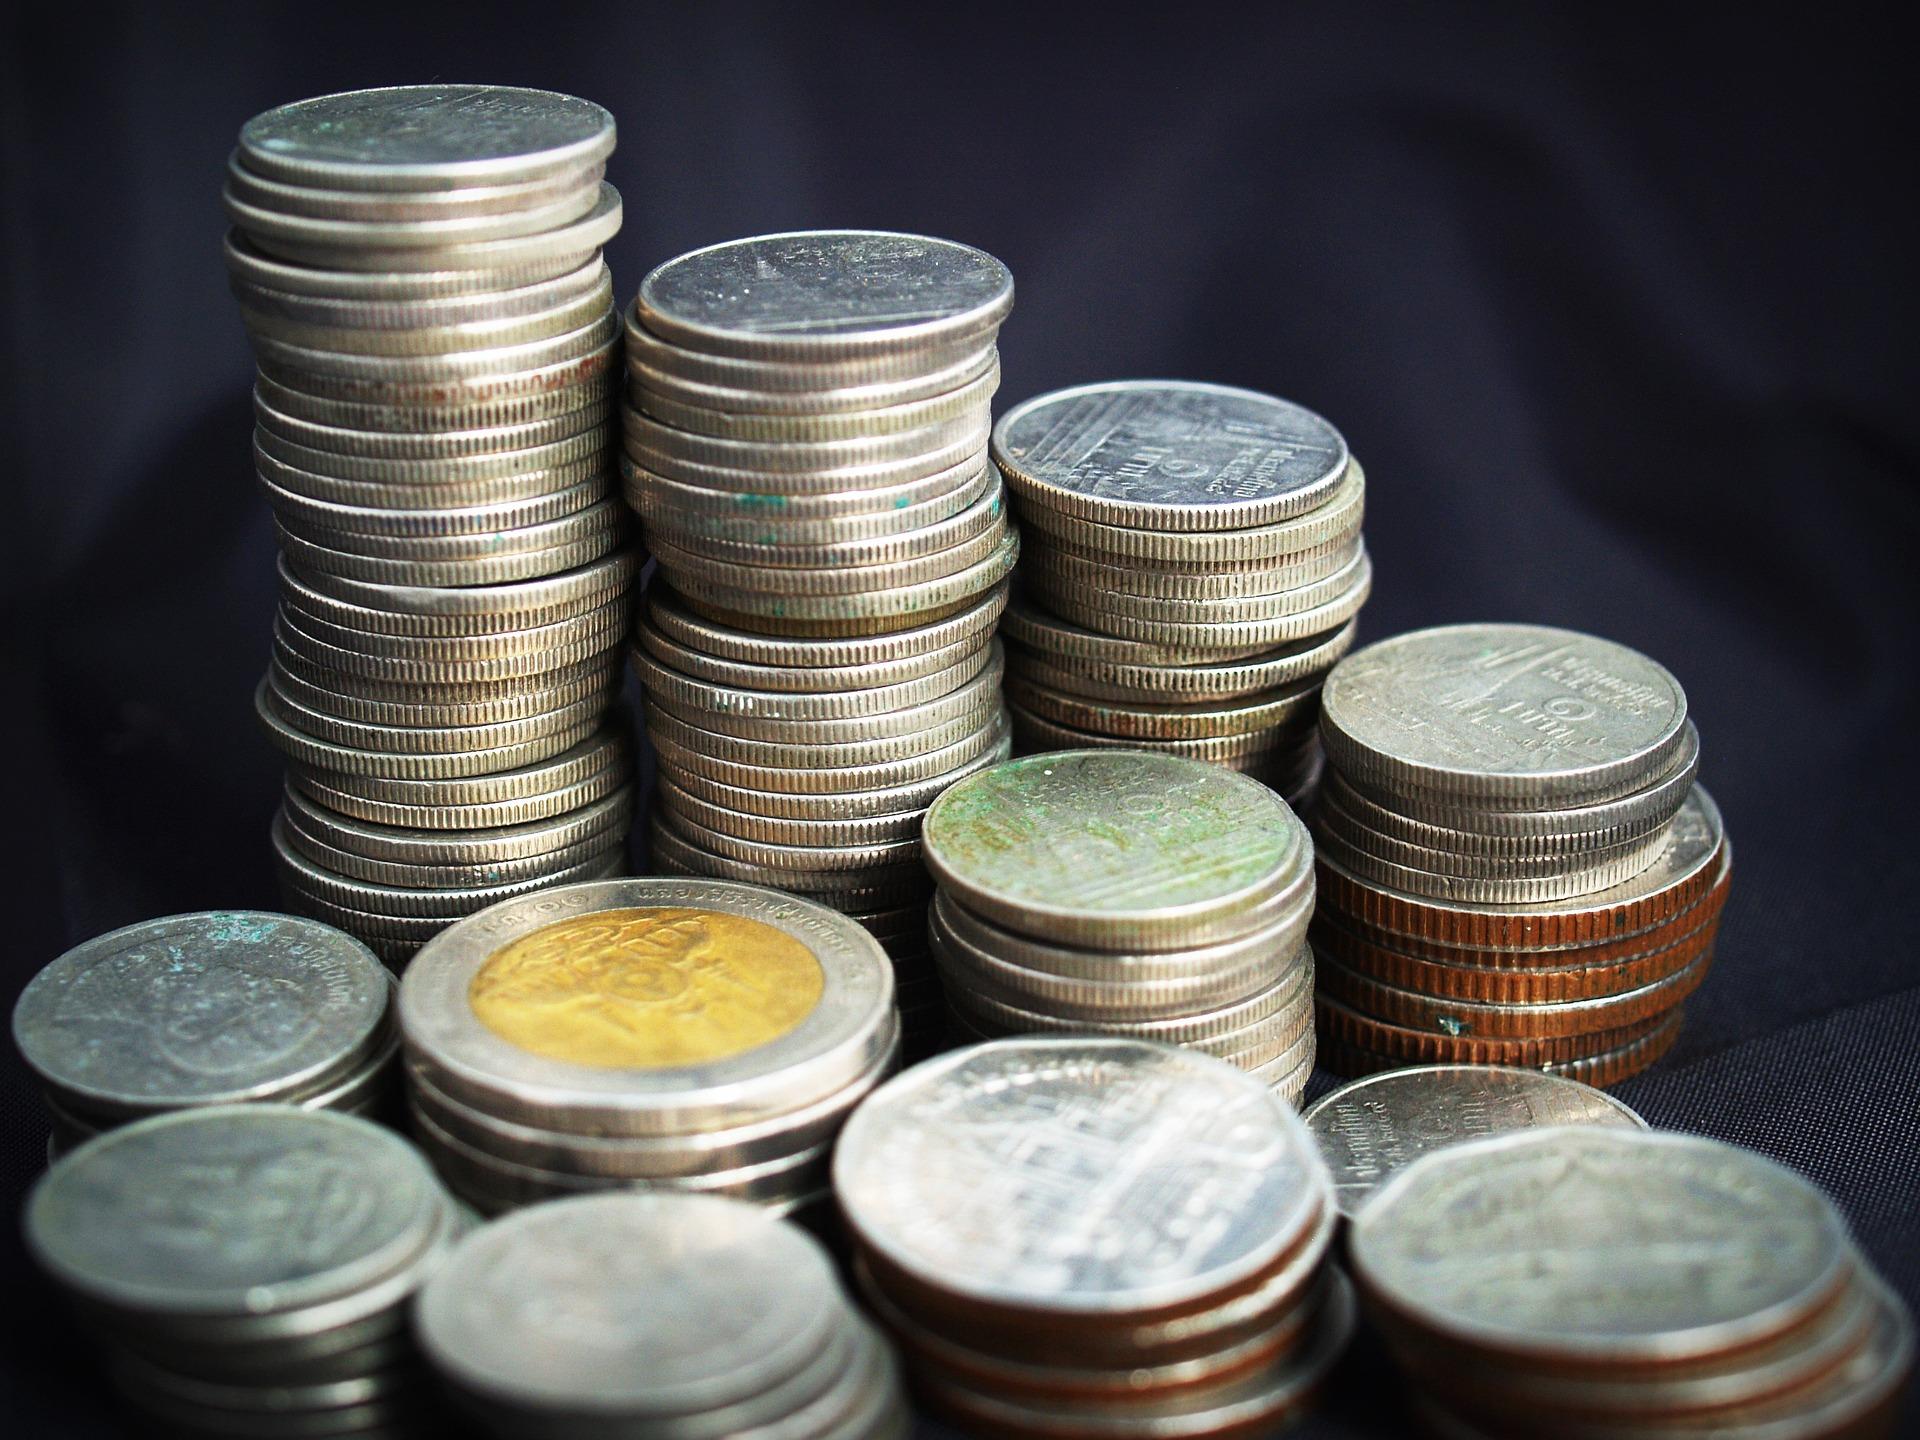 По инкассовому поручению ИФНС может взыскать долг и через 10 лет